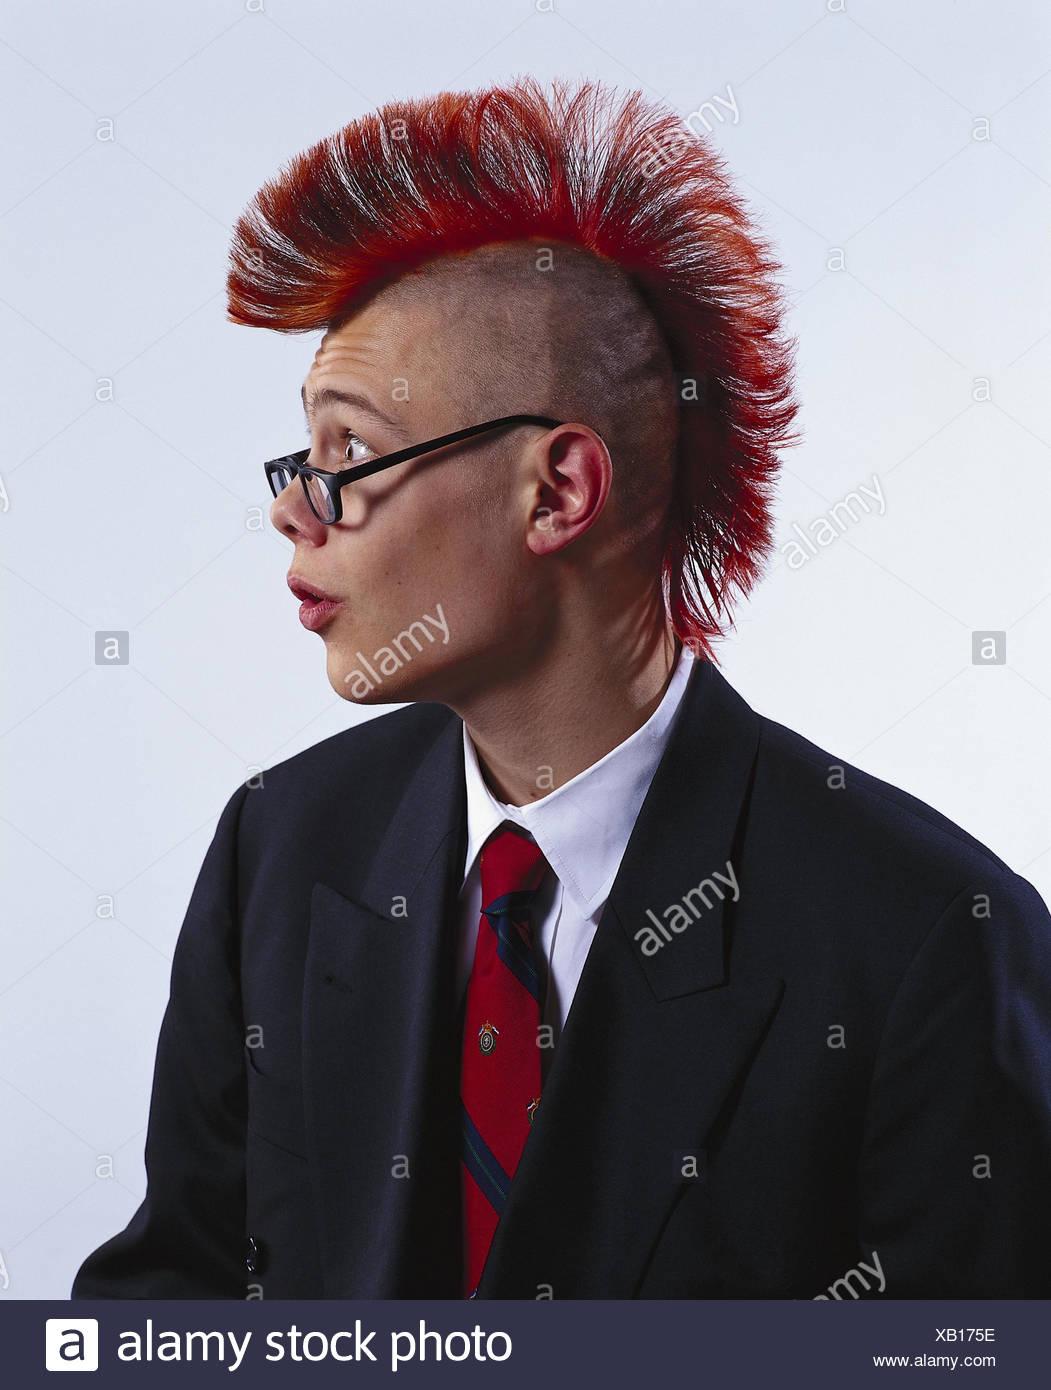 Mann Junge Anzug Krawatte Punk Frisur Brille